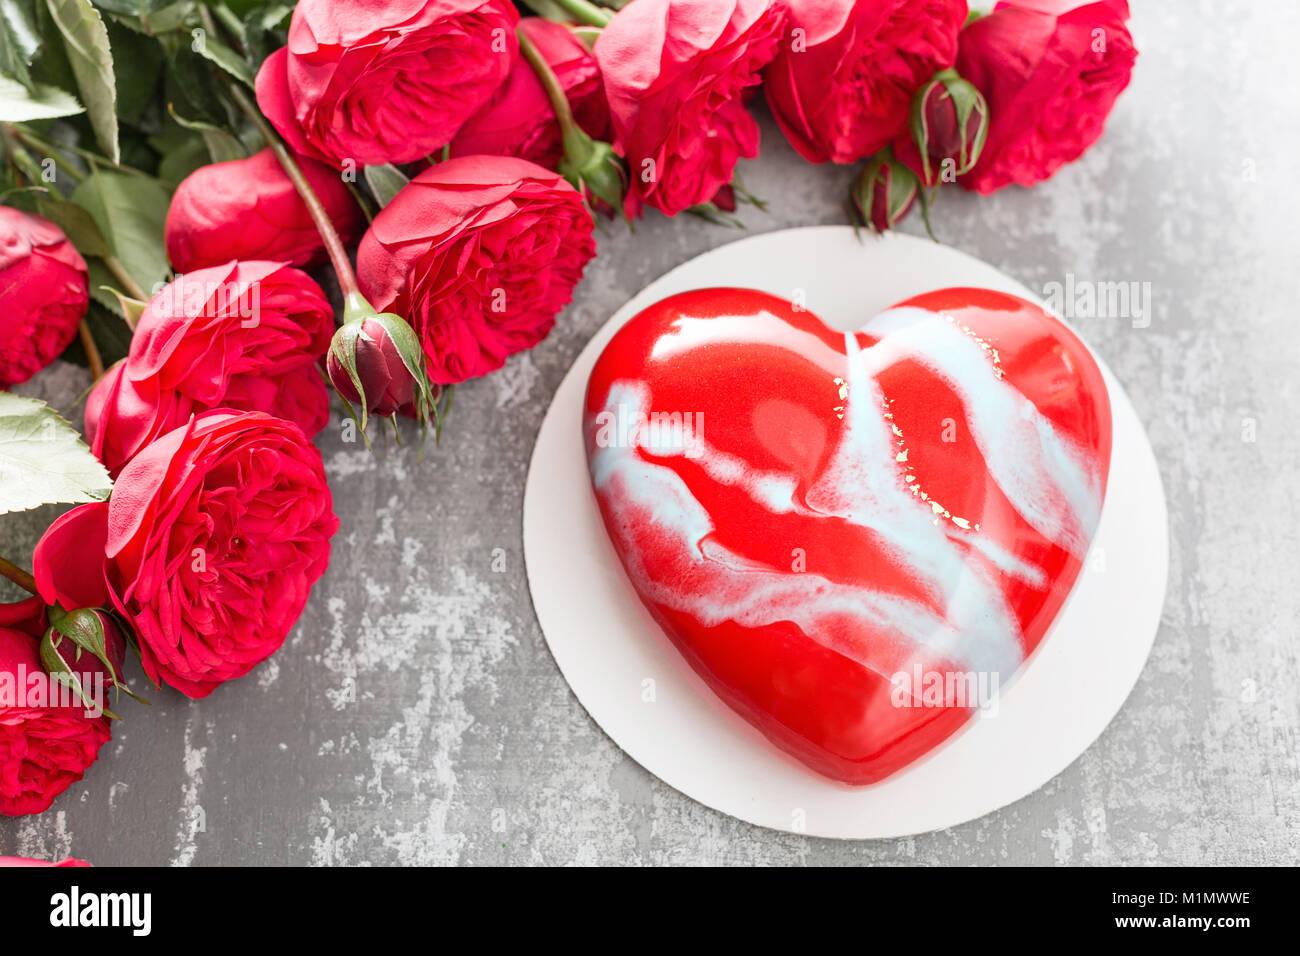 Valentinstag Oder Geburtstag Grusskarte Kuchen In Form Eines Roten